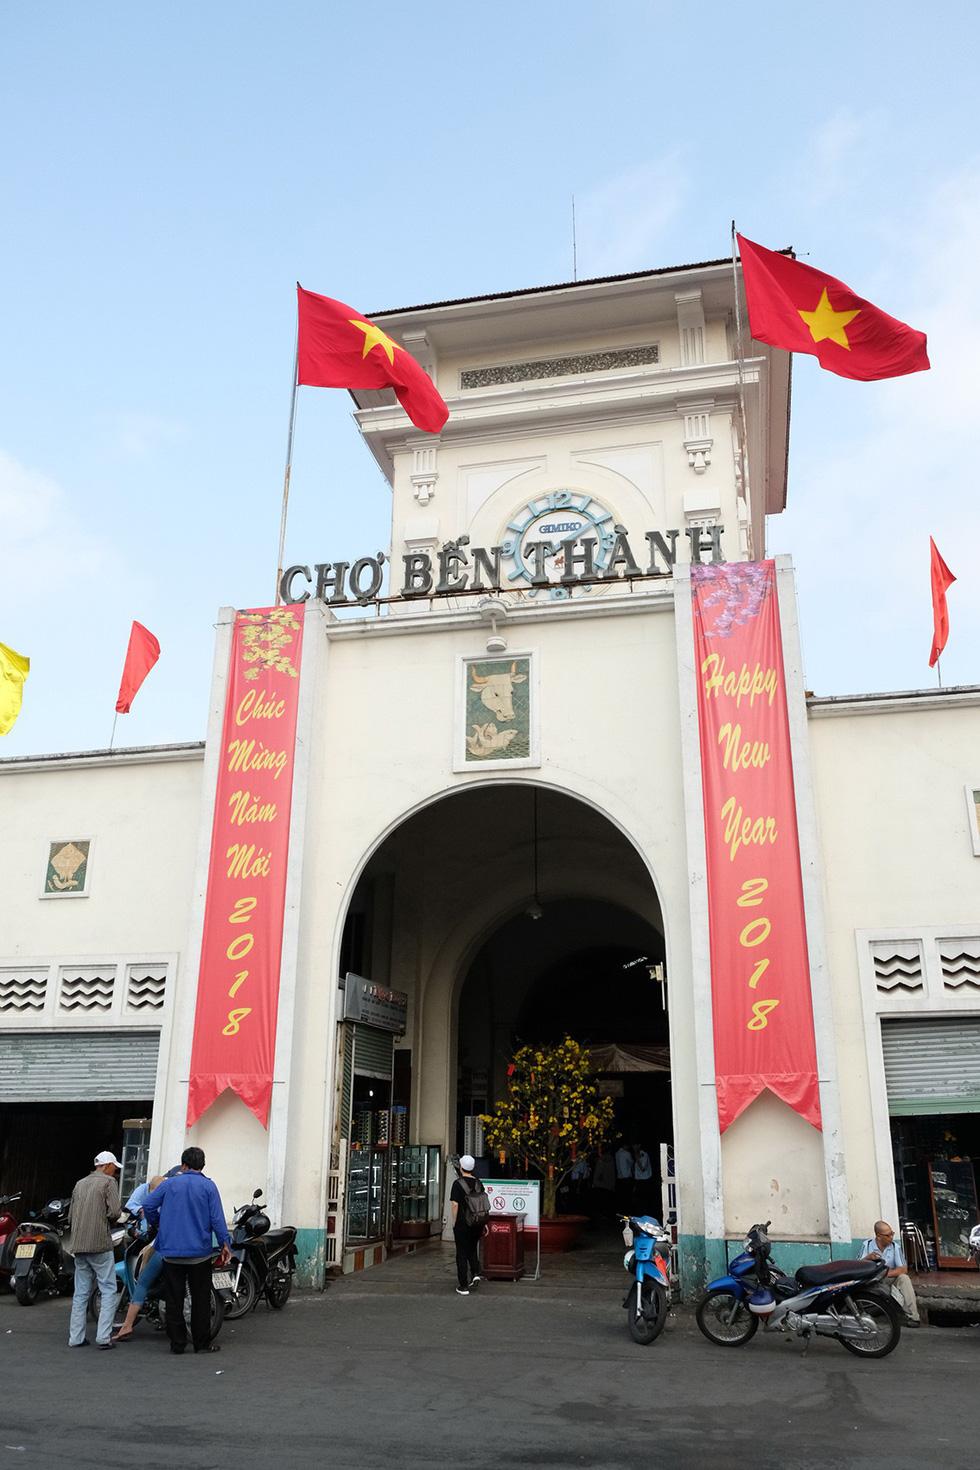 Di sản của Sài Gòn xưa cần giữ lại trước khi nó biến mất - Ảnh 4.